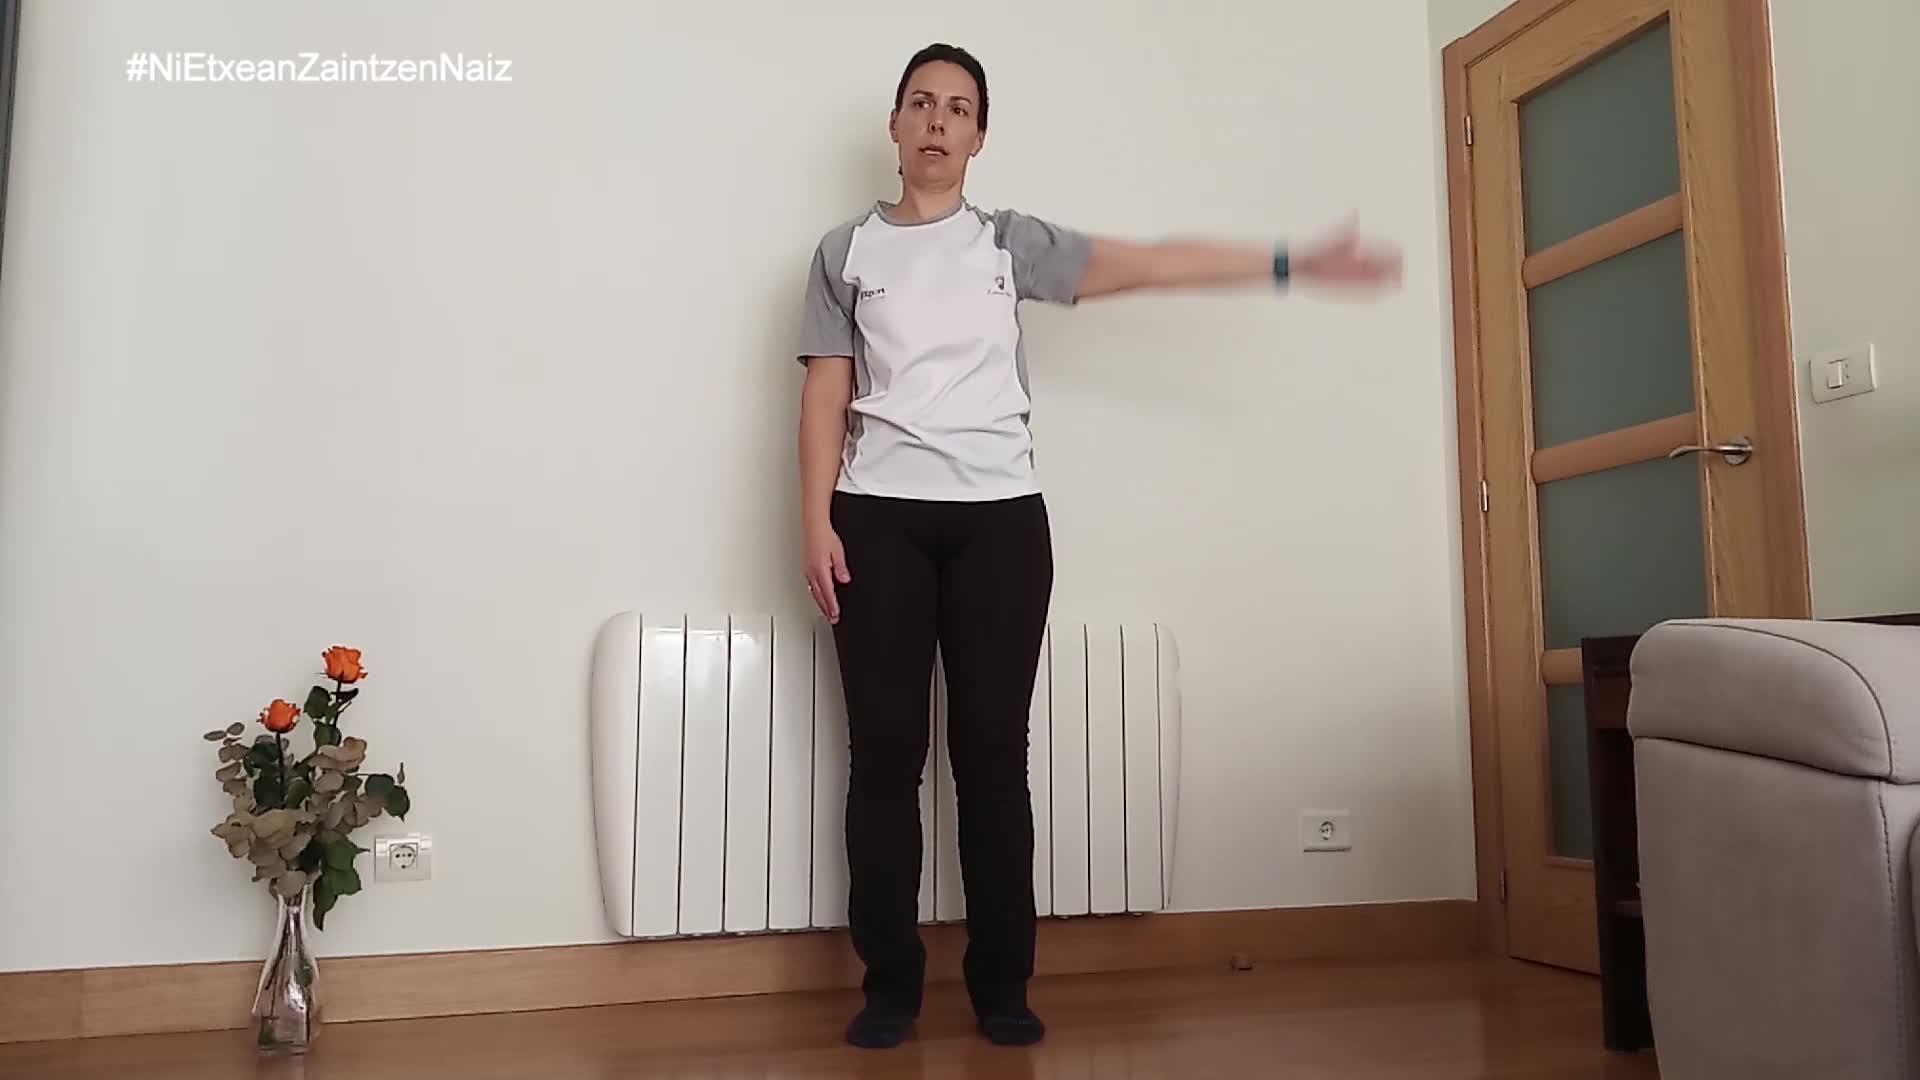 #NiEtxeanZaintzenNaiz: Zarauzko kiroldegiko begiraleen adinekoen 40.saioa